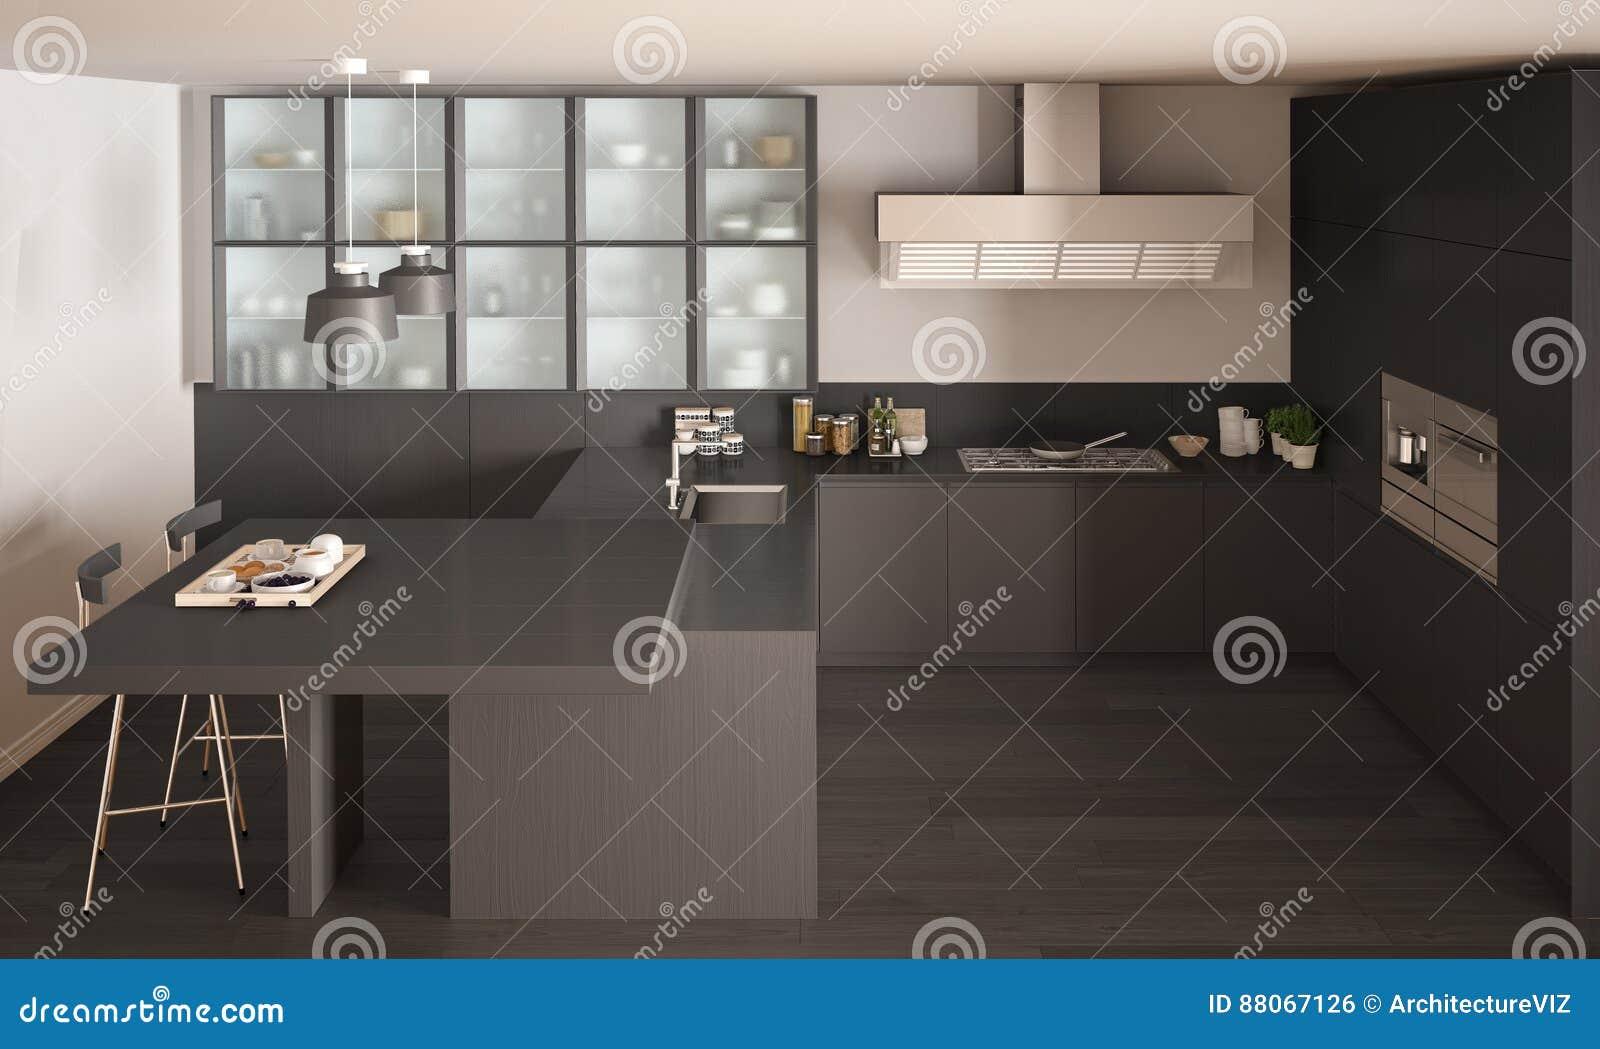 Grijze Keuken Modern : Klassieke minimale grijze keuken met parketvloer modern binnenland